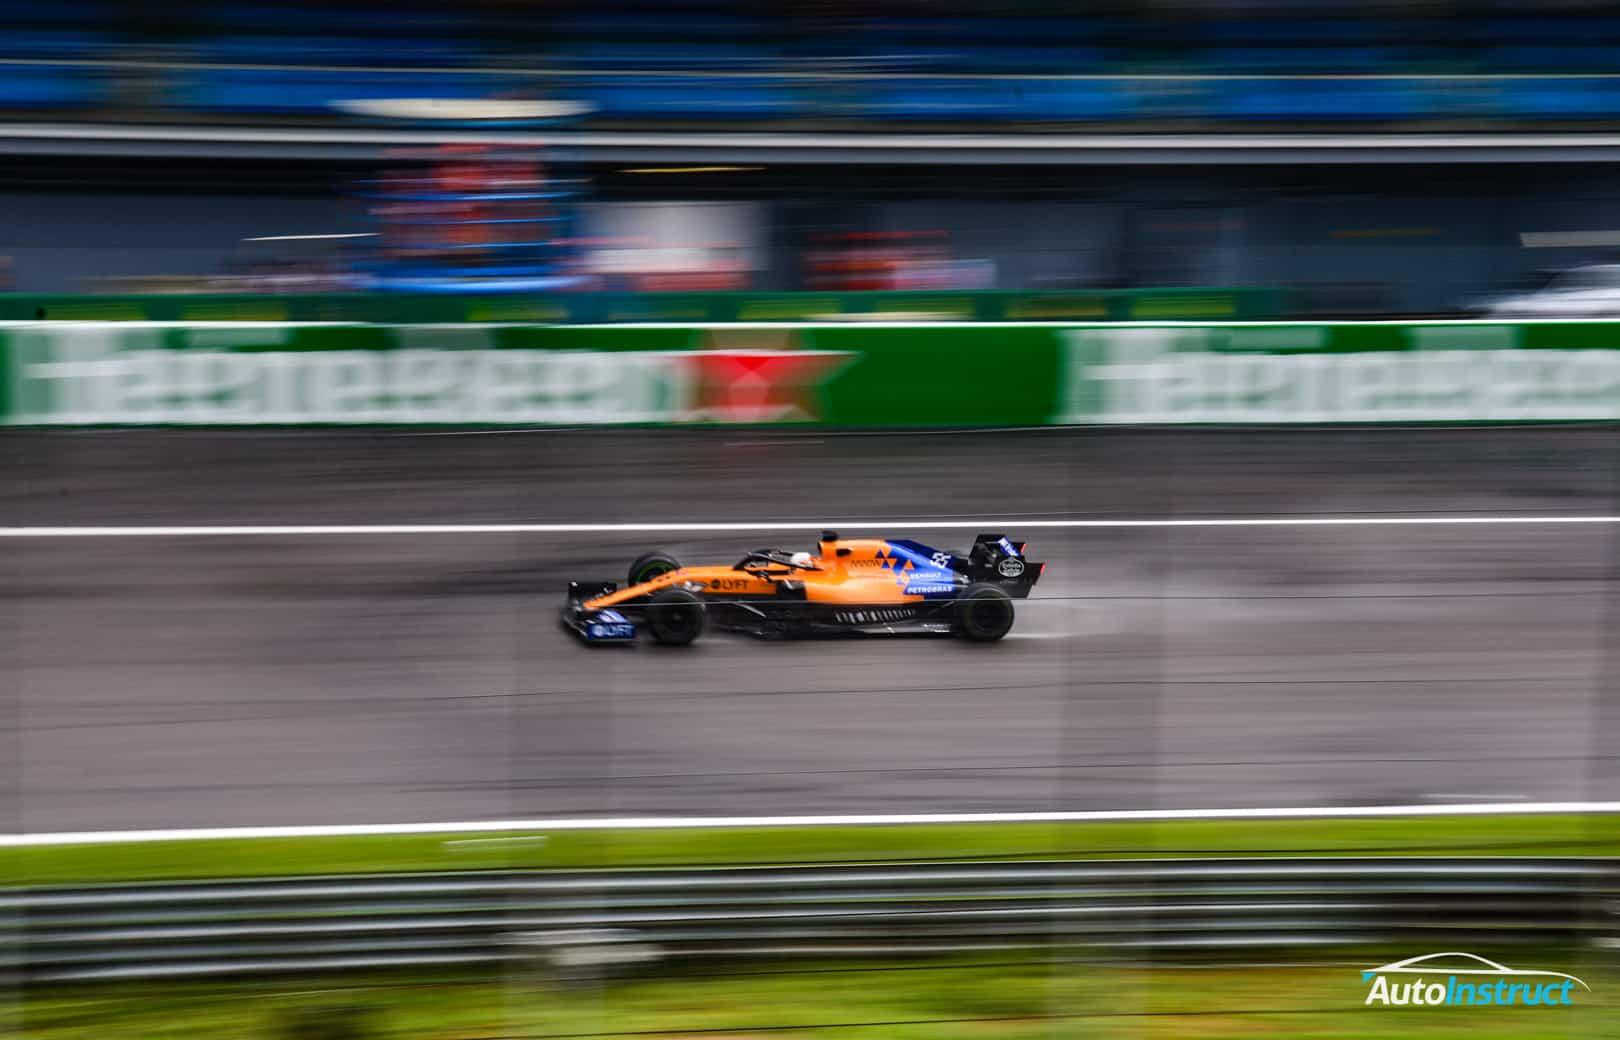 Carlos Sainz Qualifying